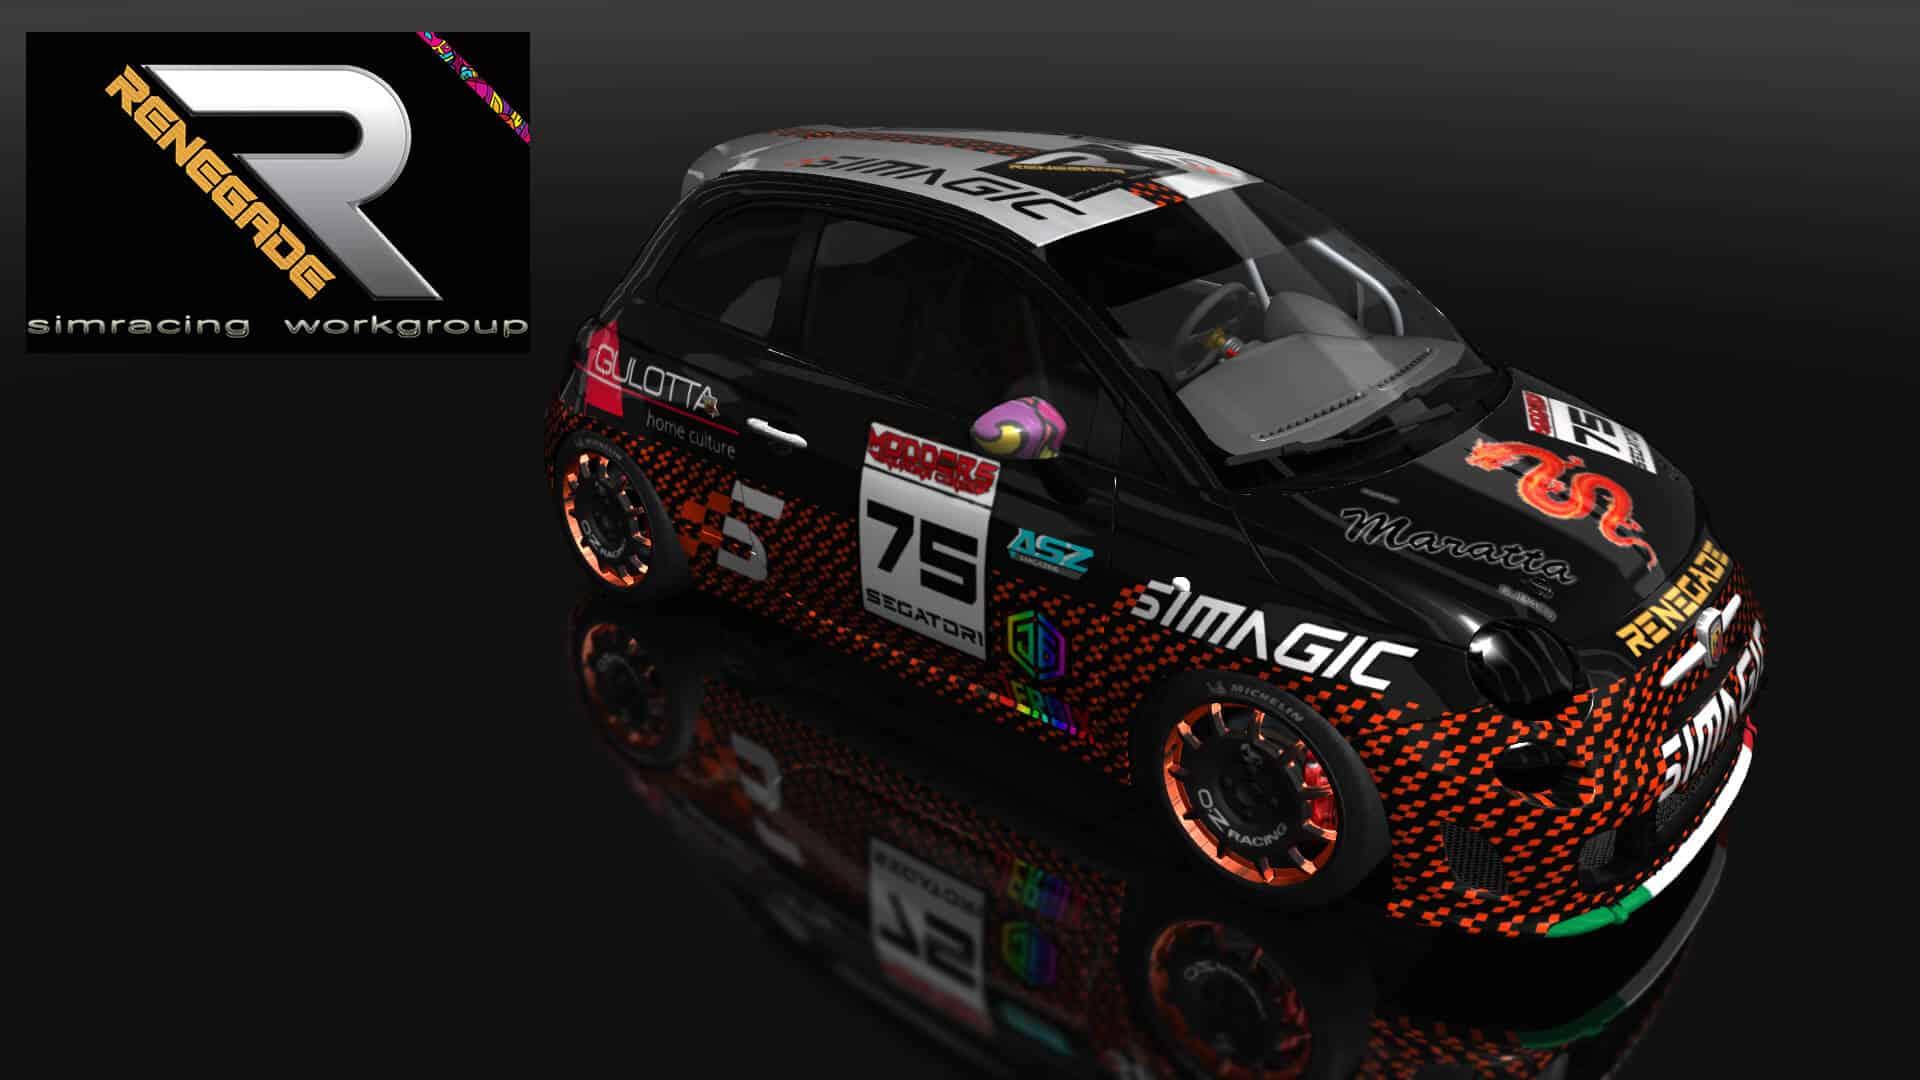 r sim racing workgroup team